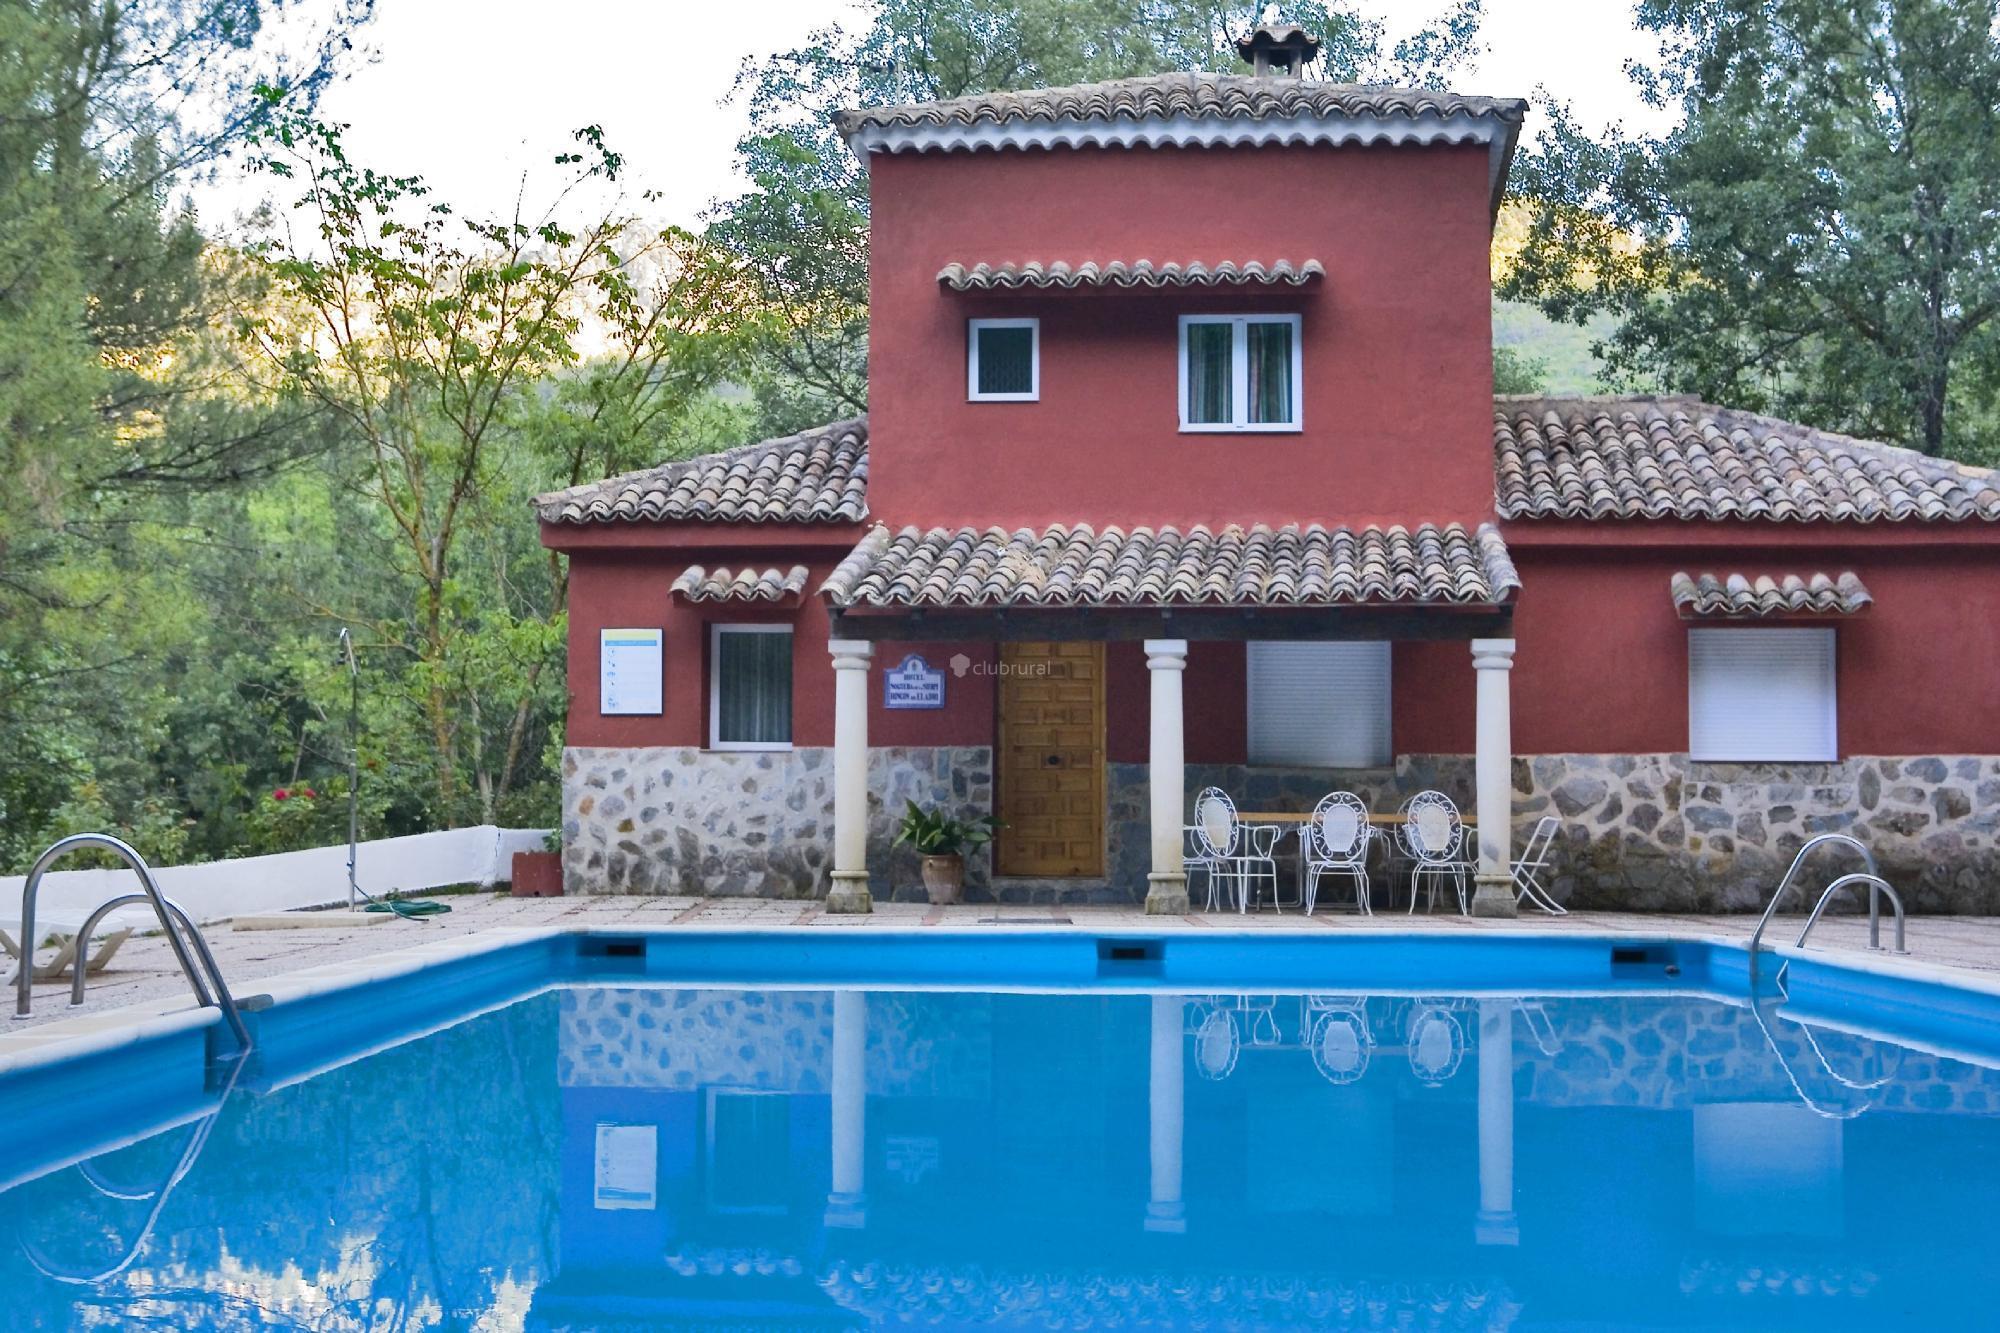 Fotos de hotel noguera de la sierpe ja n cazorla clubrural - La casa de la piscina cazorla ...